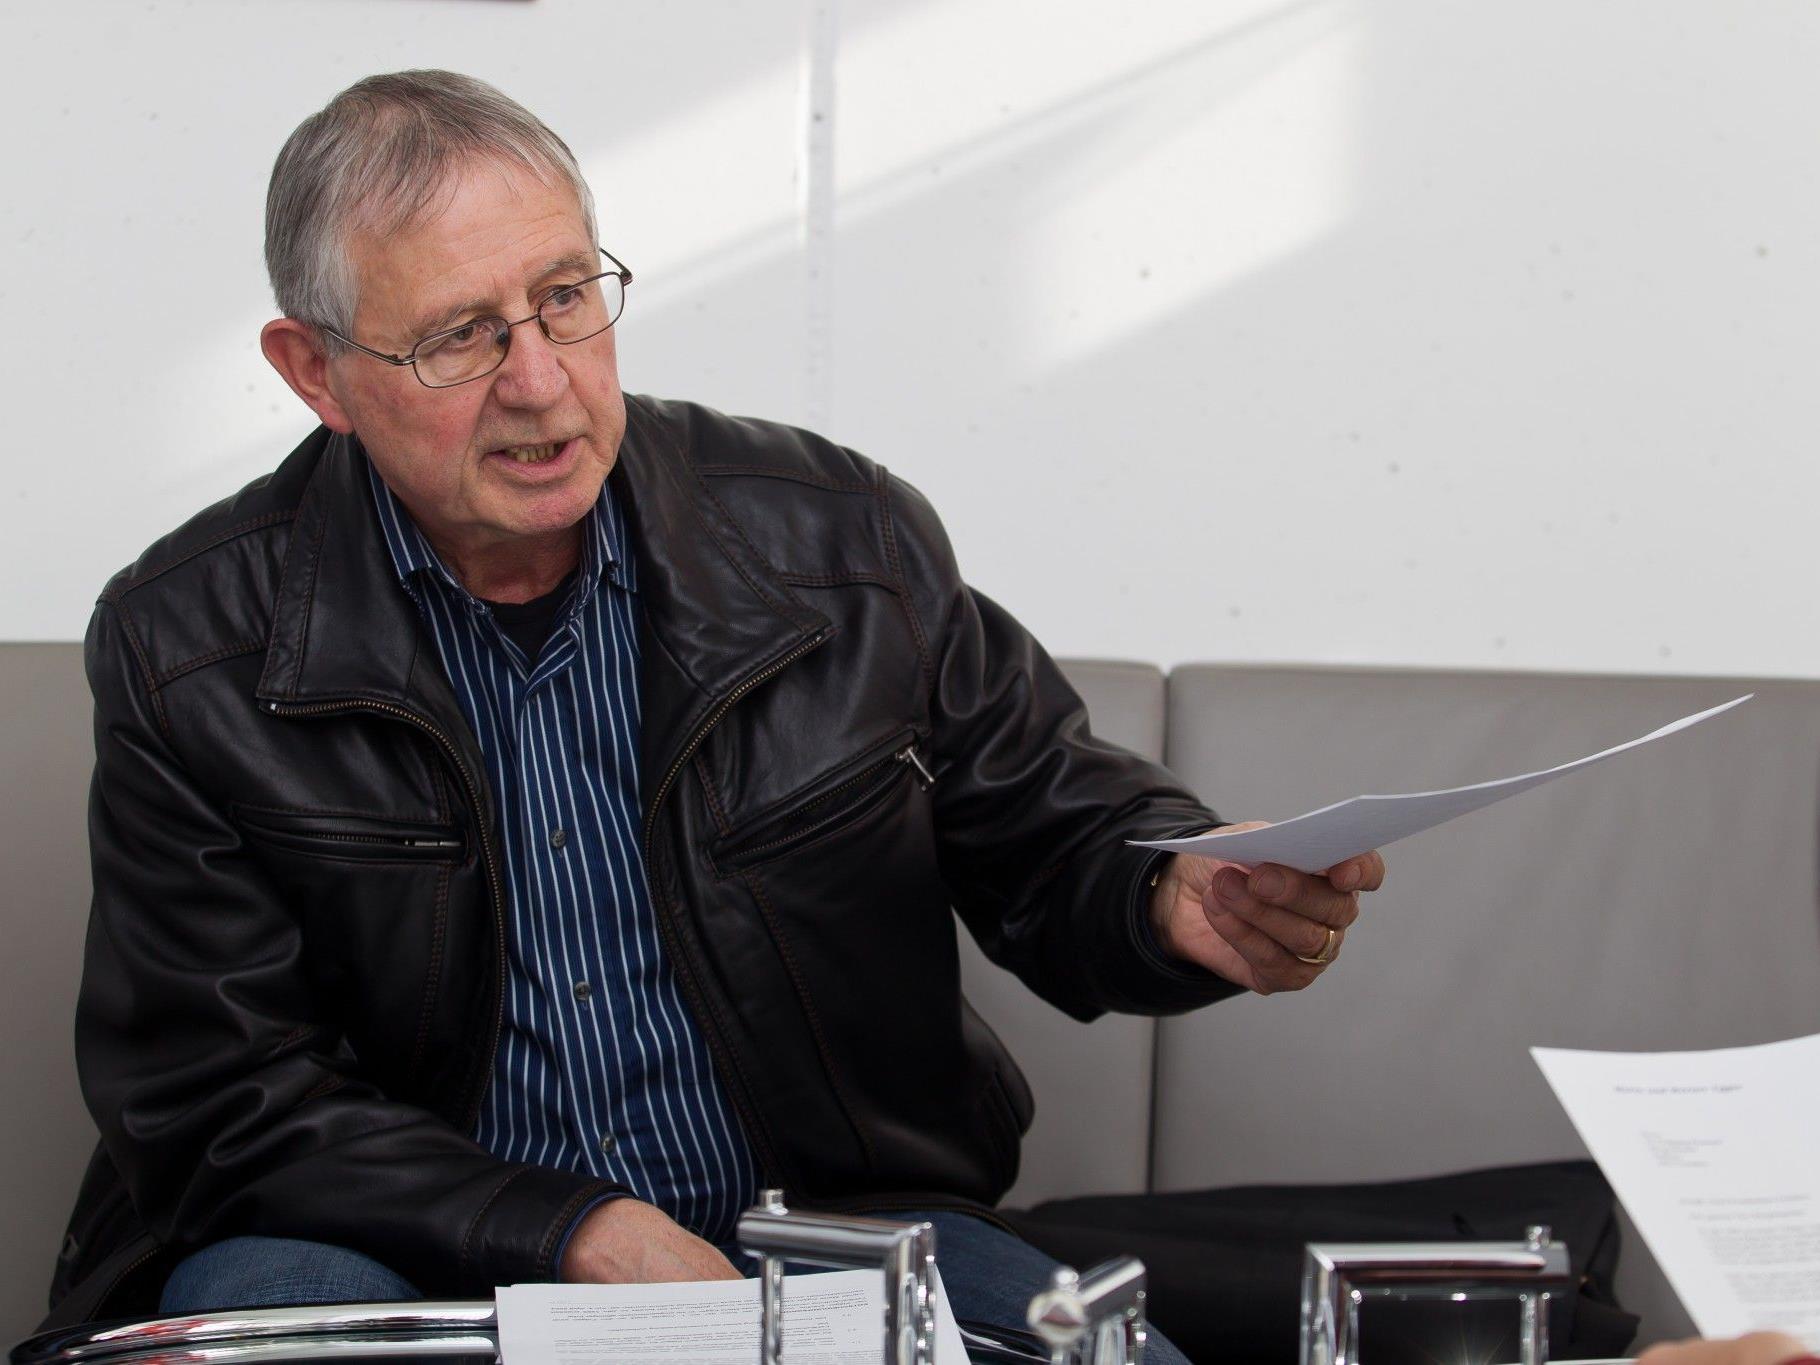 Werner Egger wünscht sich endlich Gerechtigkeit für seinen Enkel, der die Mutter verlor.